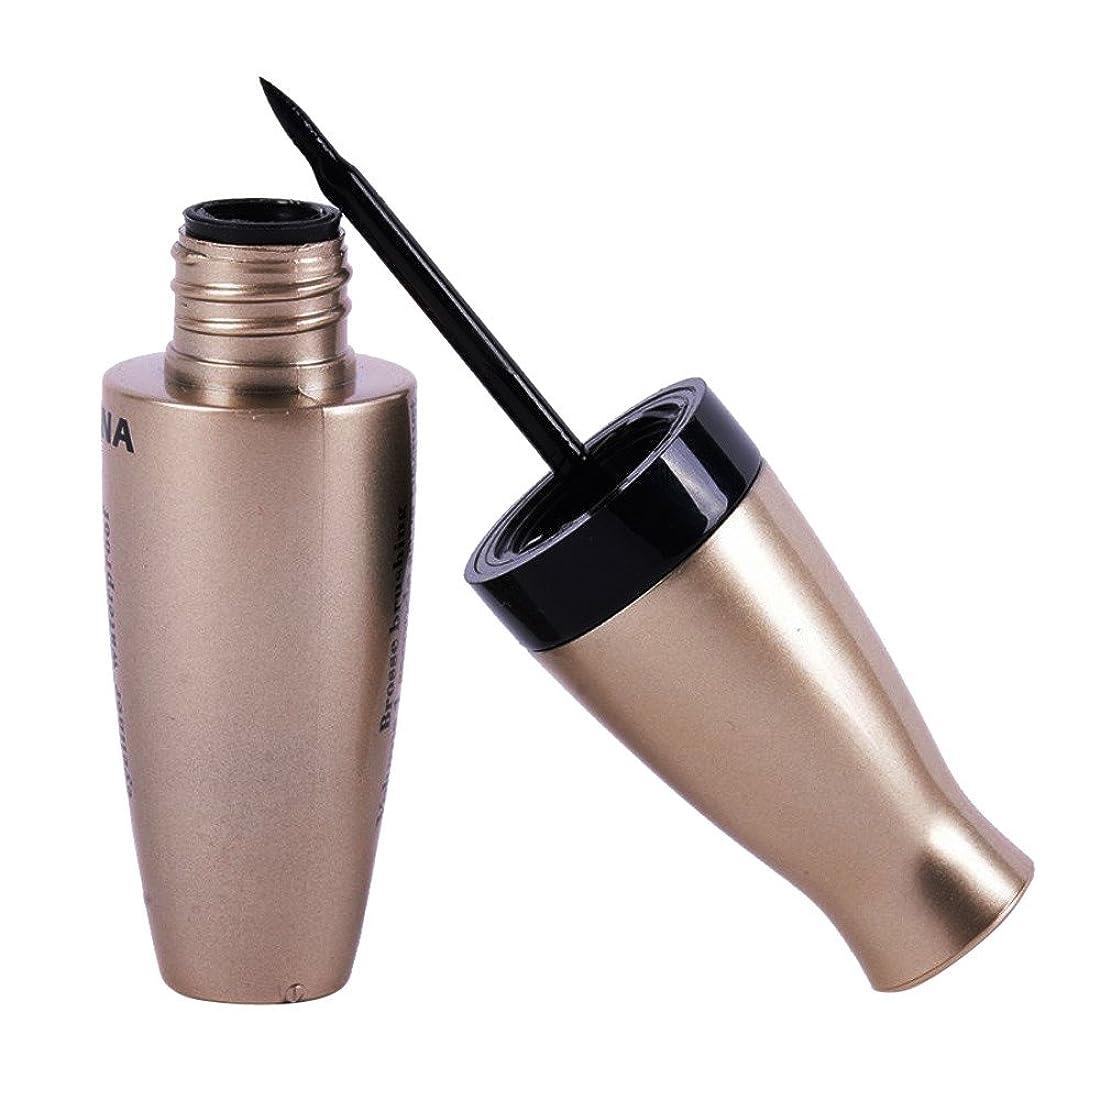 ケントパラメータ遅れ新しいアイライナー防水リキッドアイライナーペンシルペンメイクアップ美容化粧品